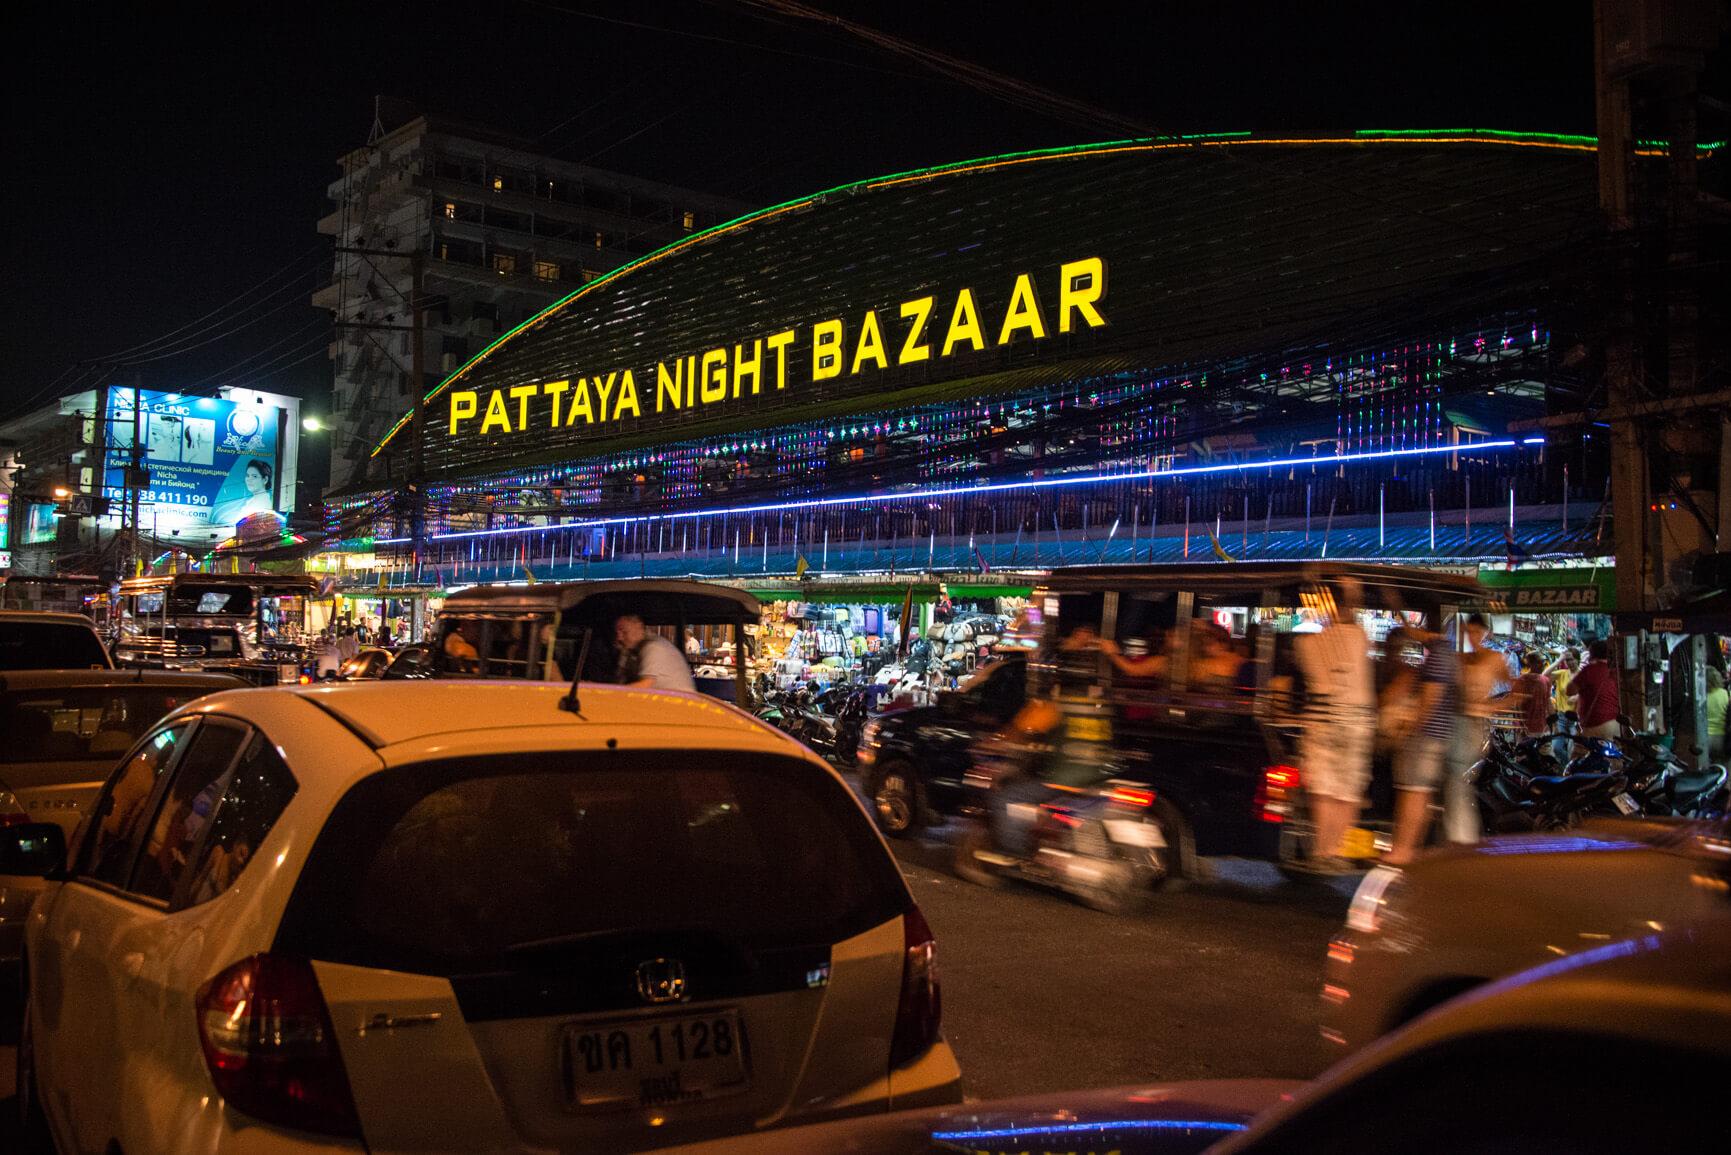 Цены на рынке в Паттайе